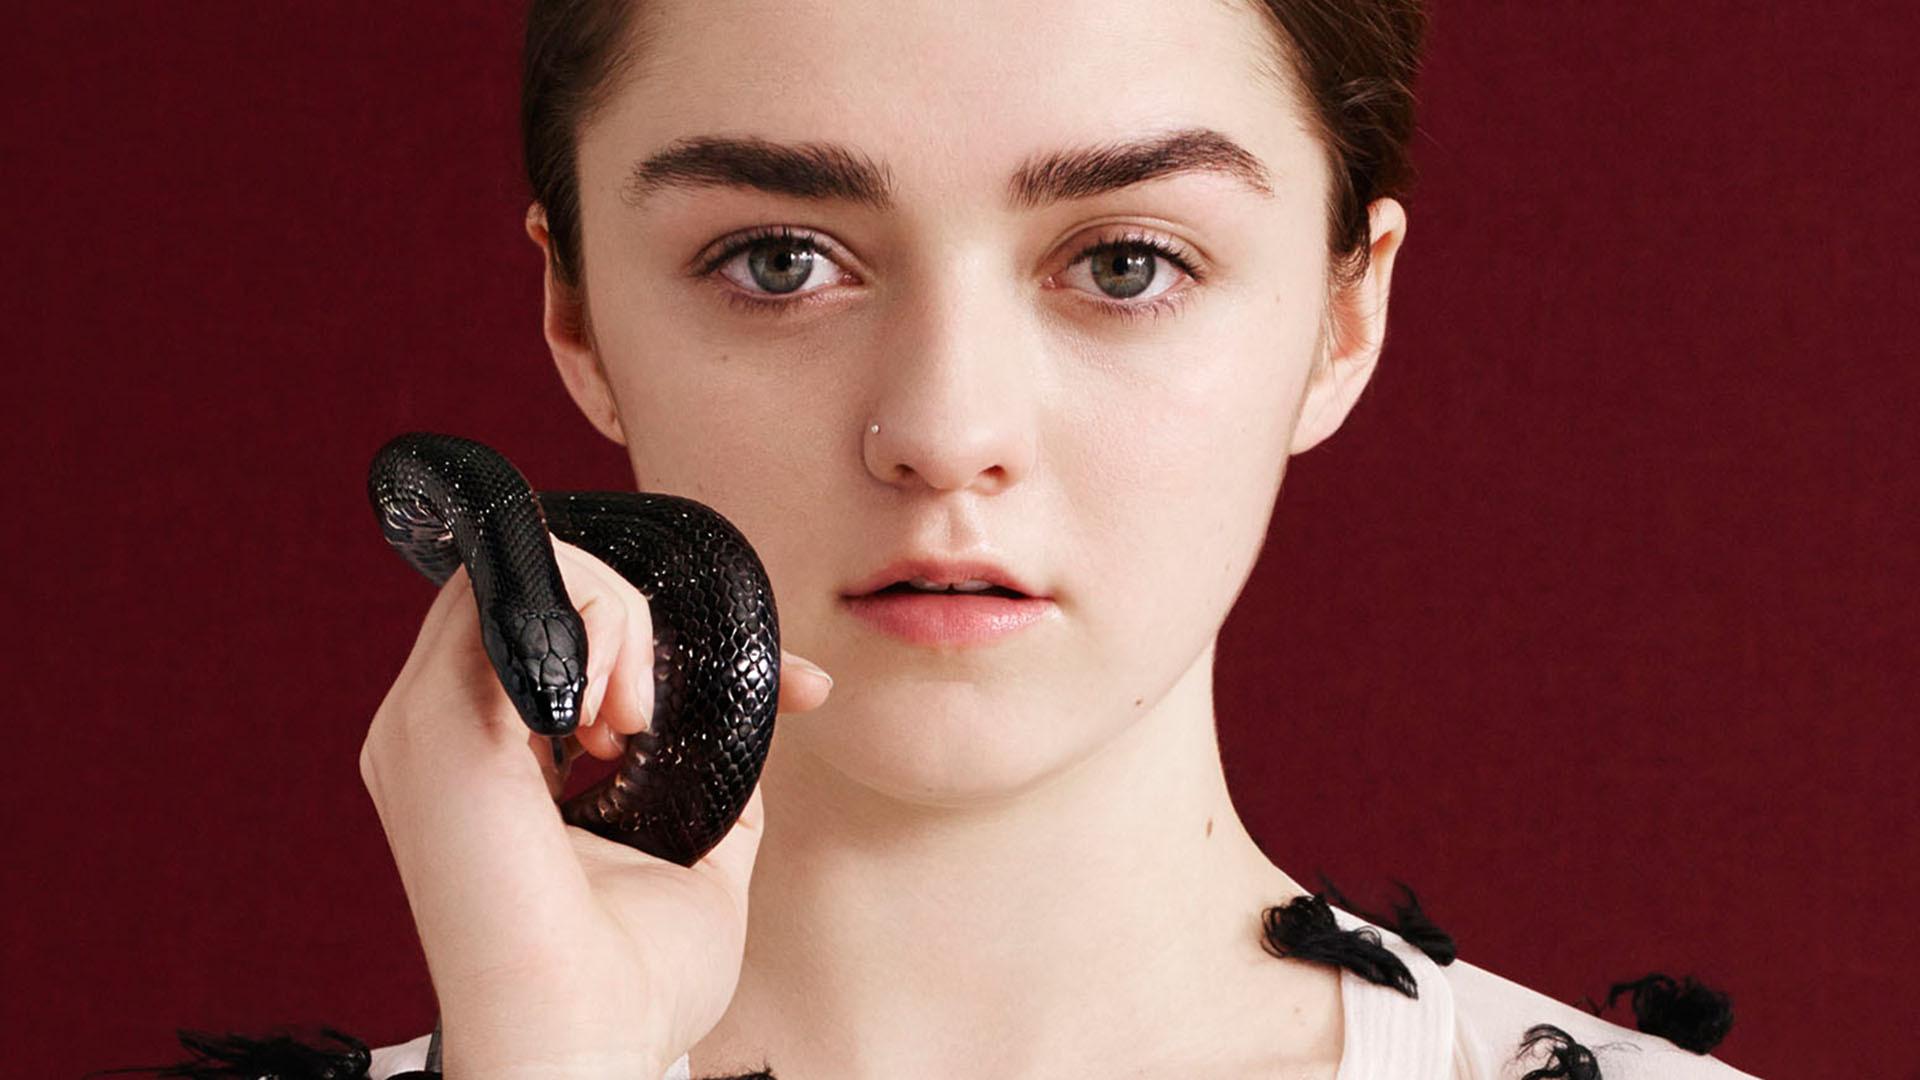 Maisie Williams Pictures